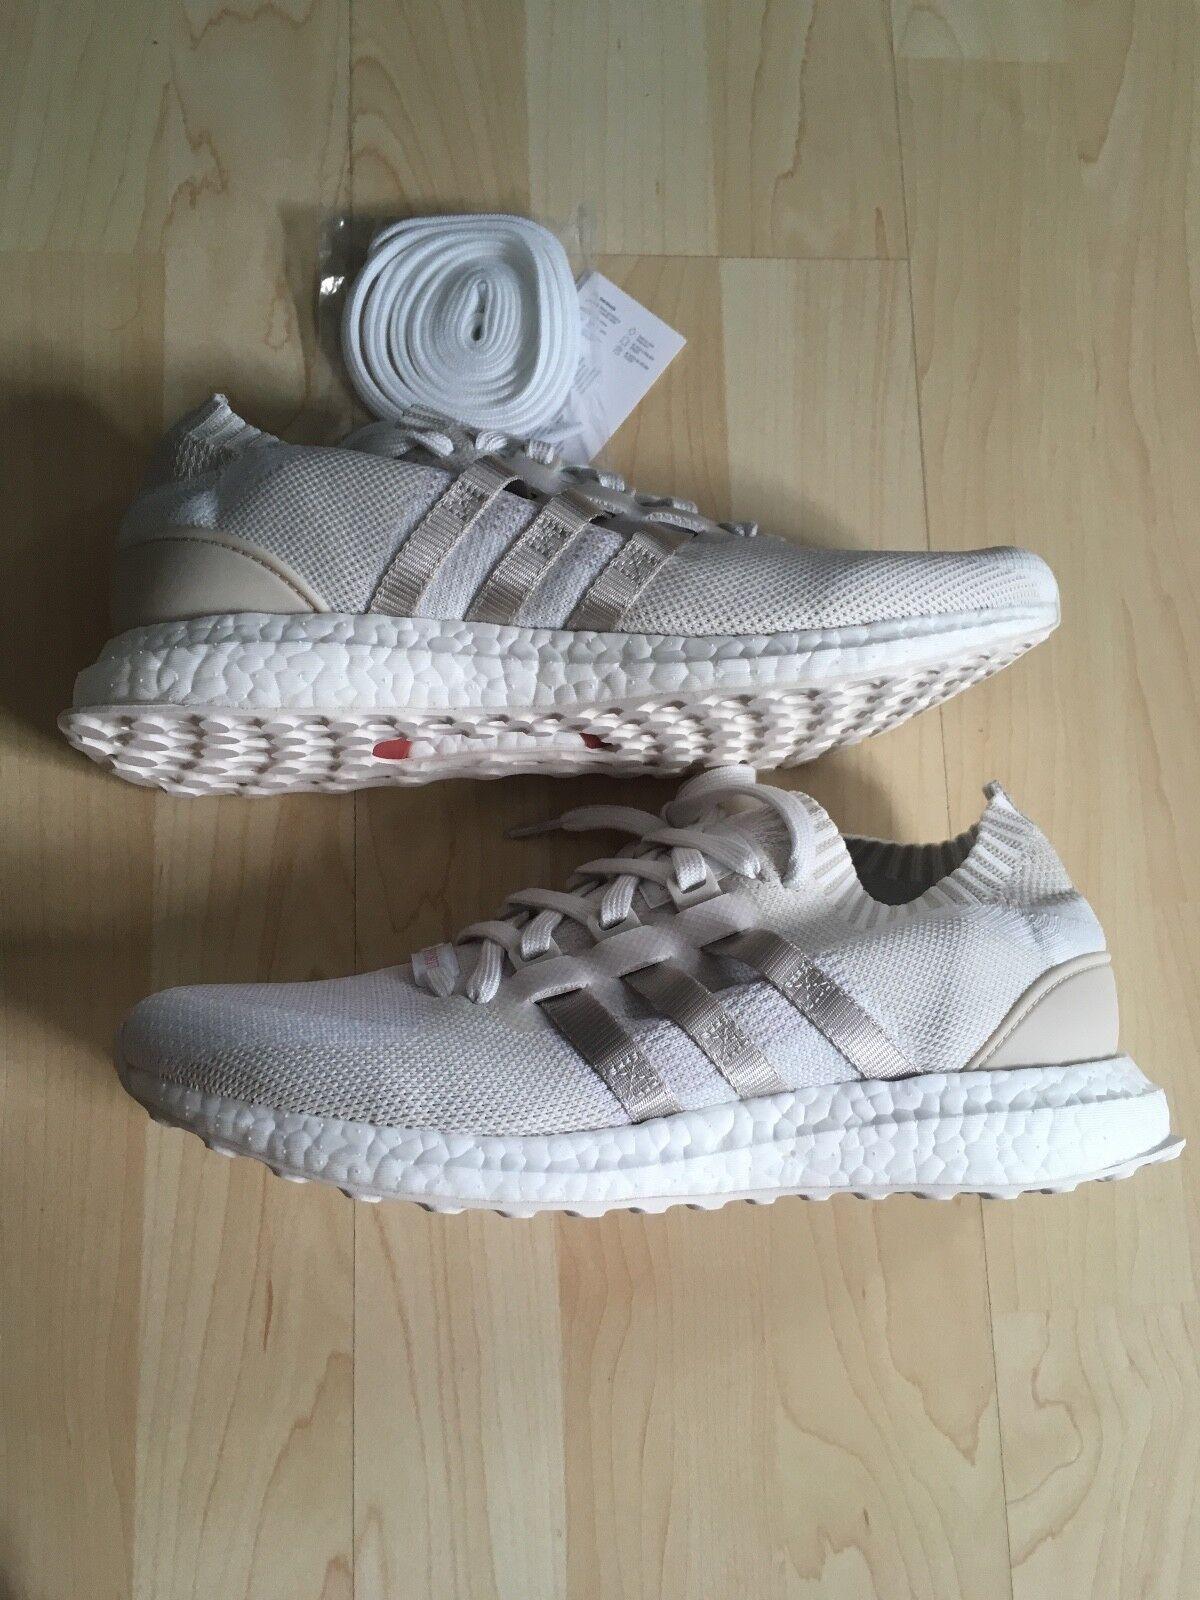 Limited Edition Eqt Ultra Adidas Support Primeknit Sns Originals lFT1JcK